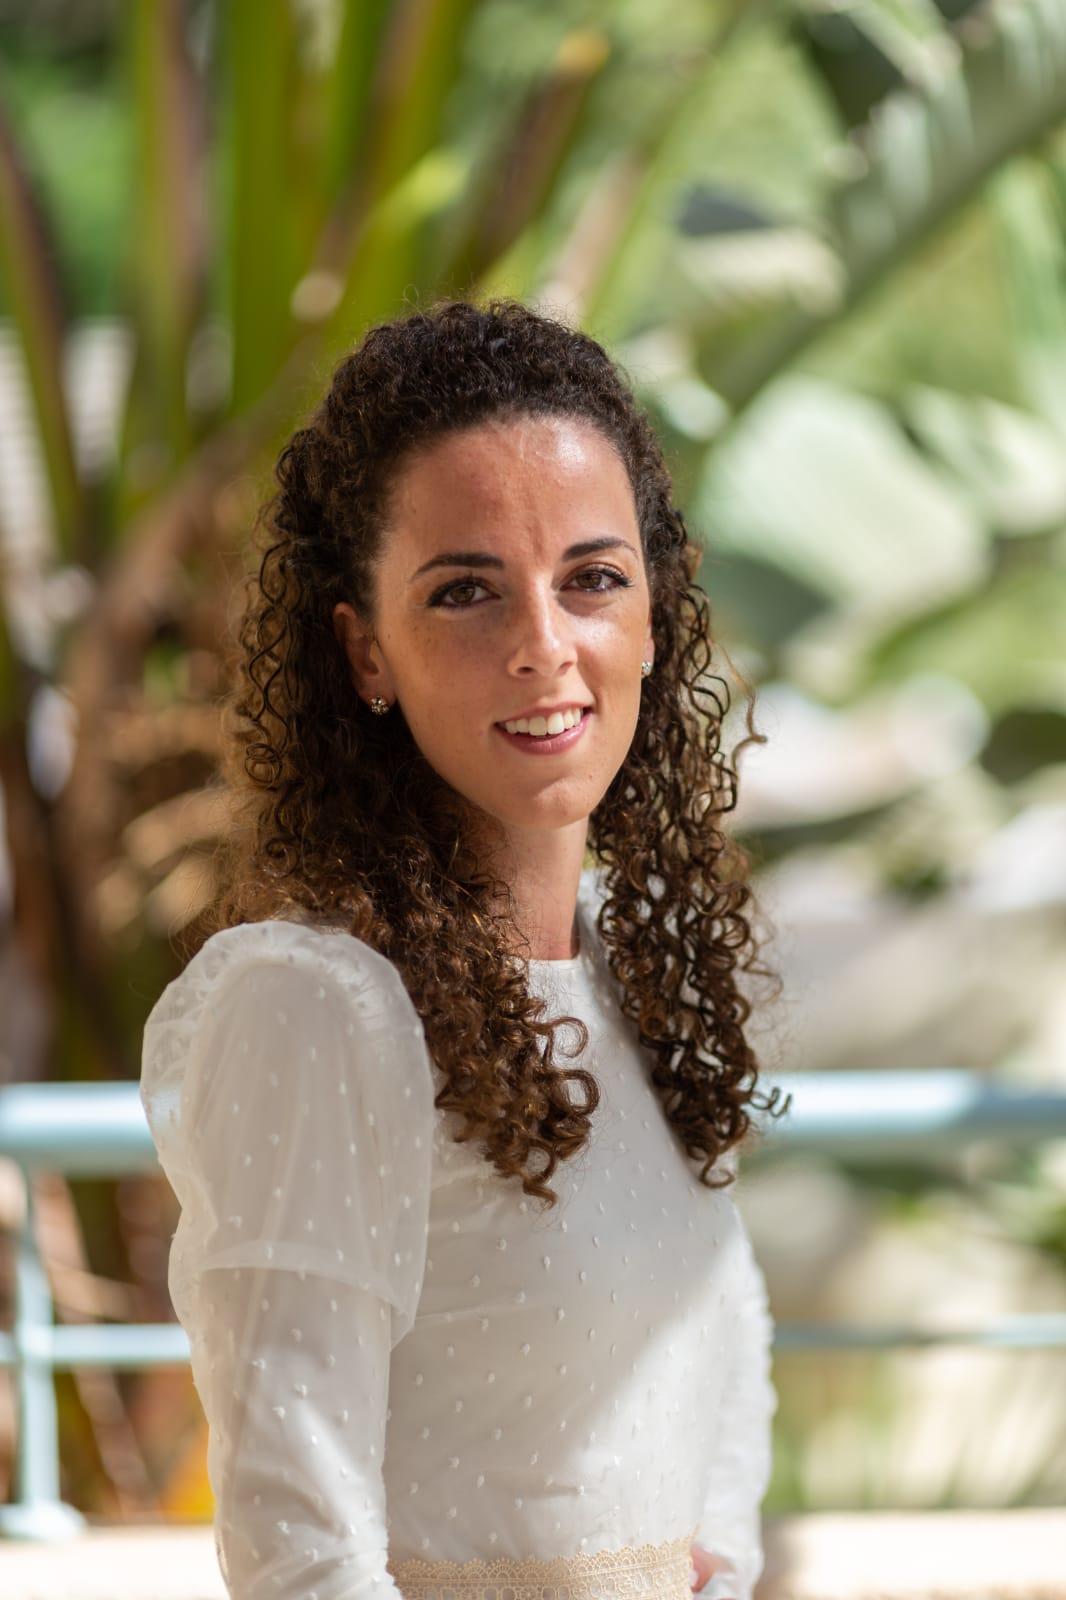 רבקה גרקון, מהנדסת תעשיה וניהול